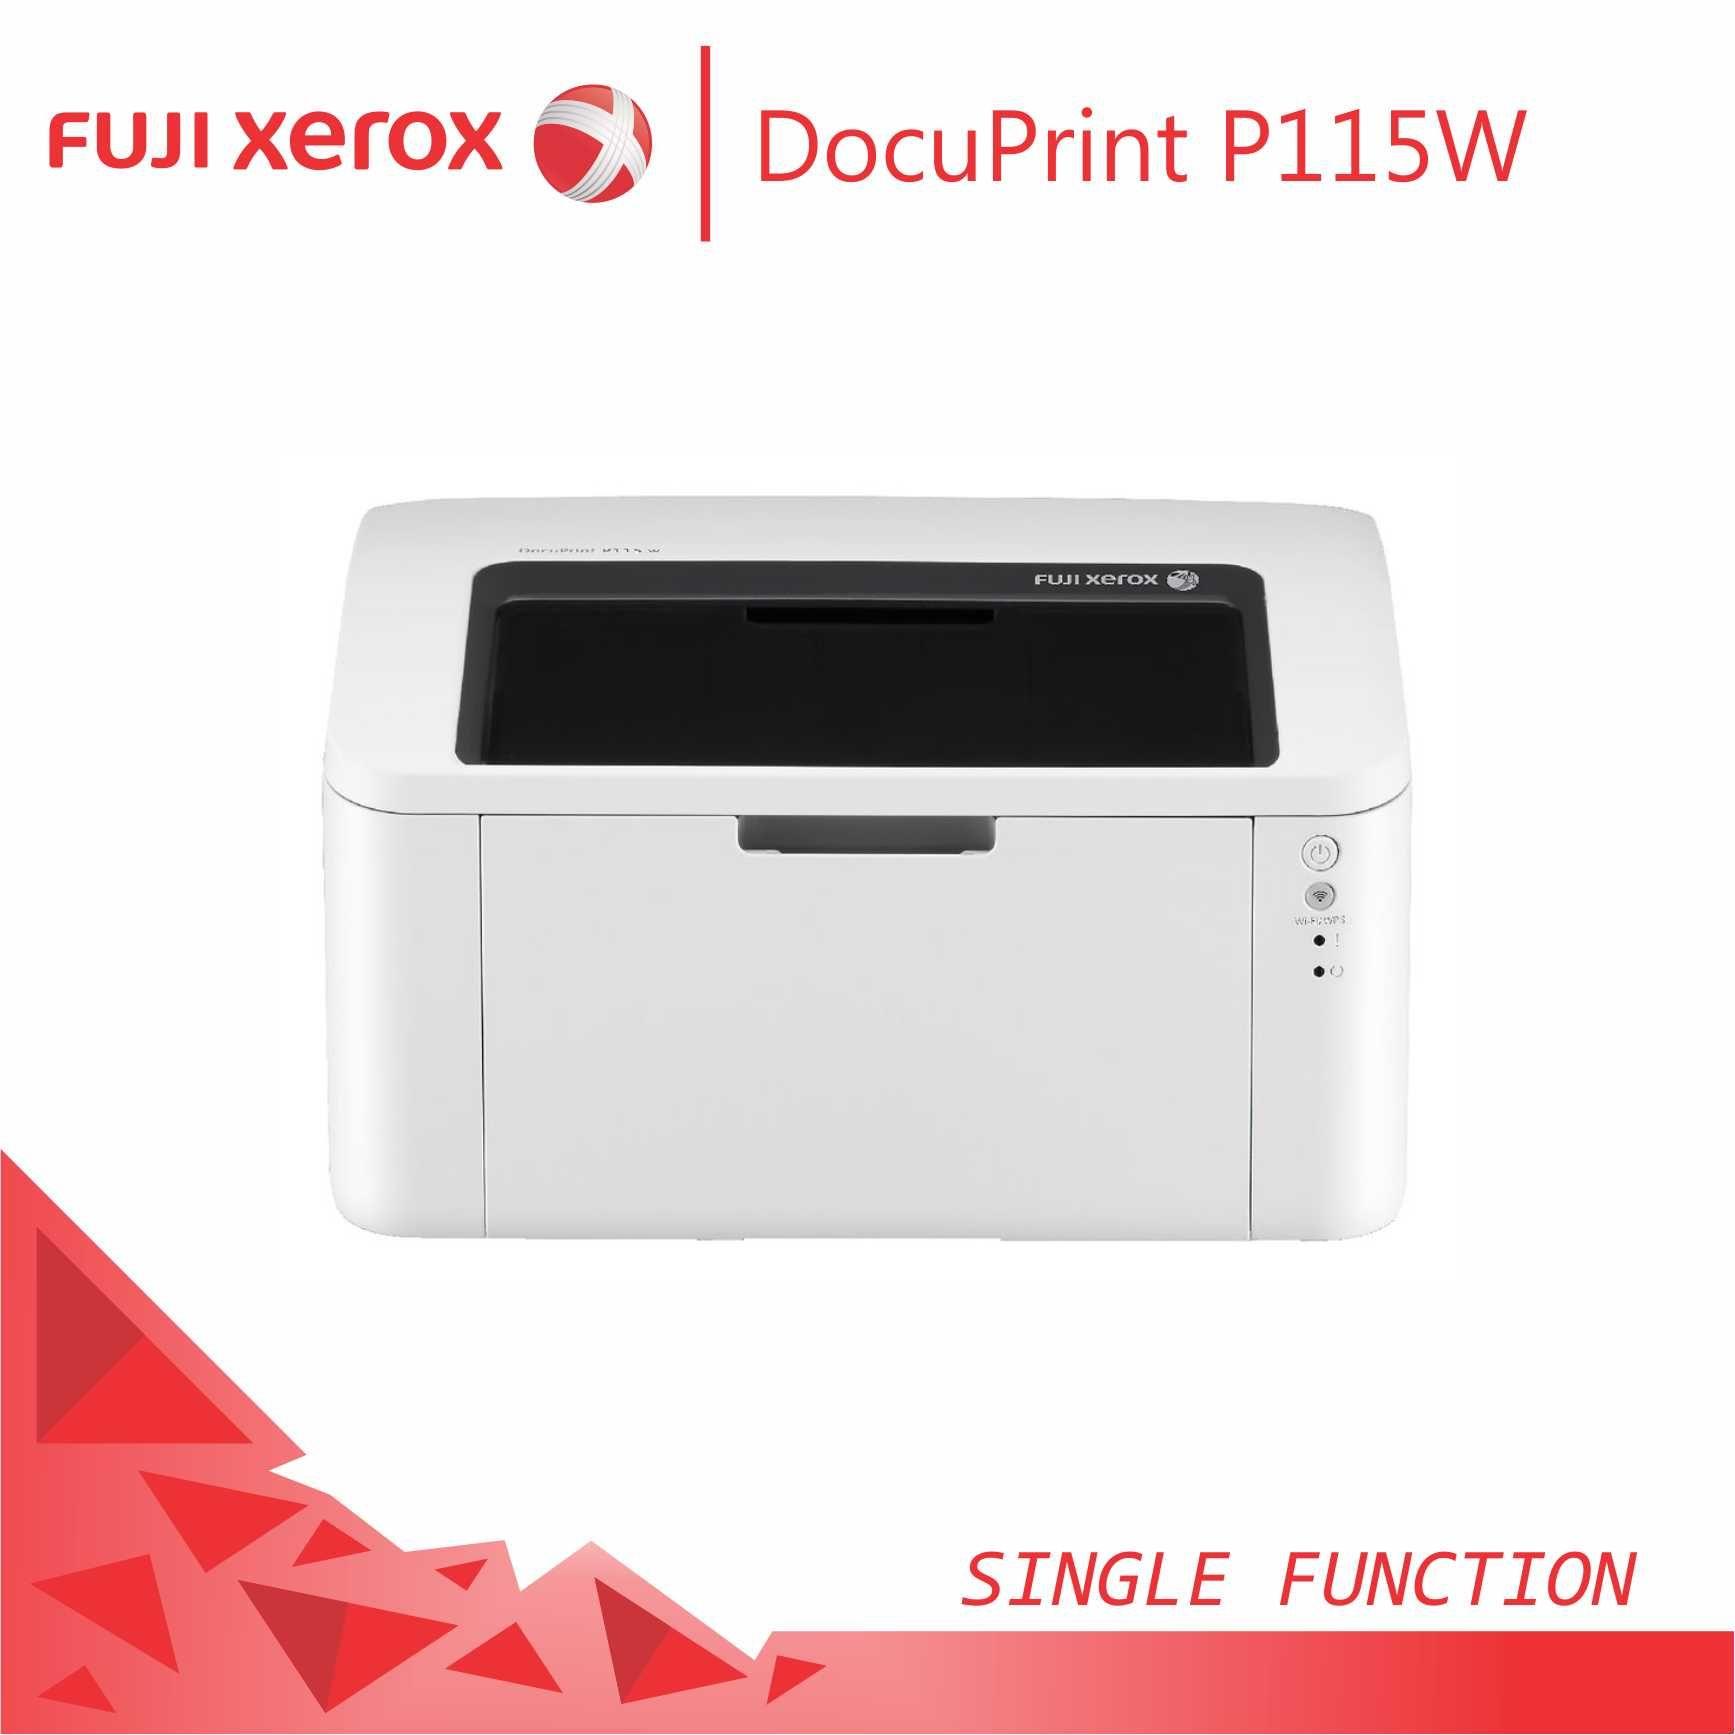 Beli Printer Murah Di Solo Jual Printer Fuji Xerox Docuprint